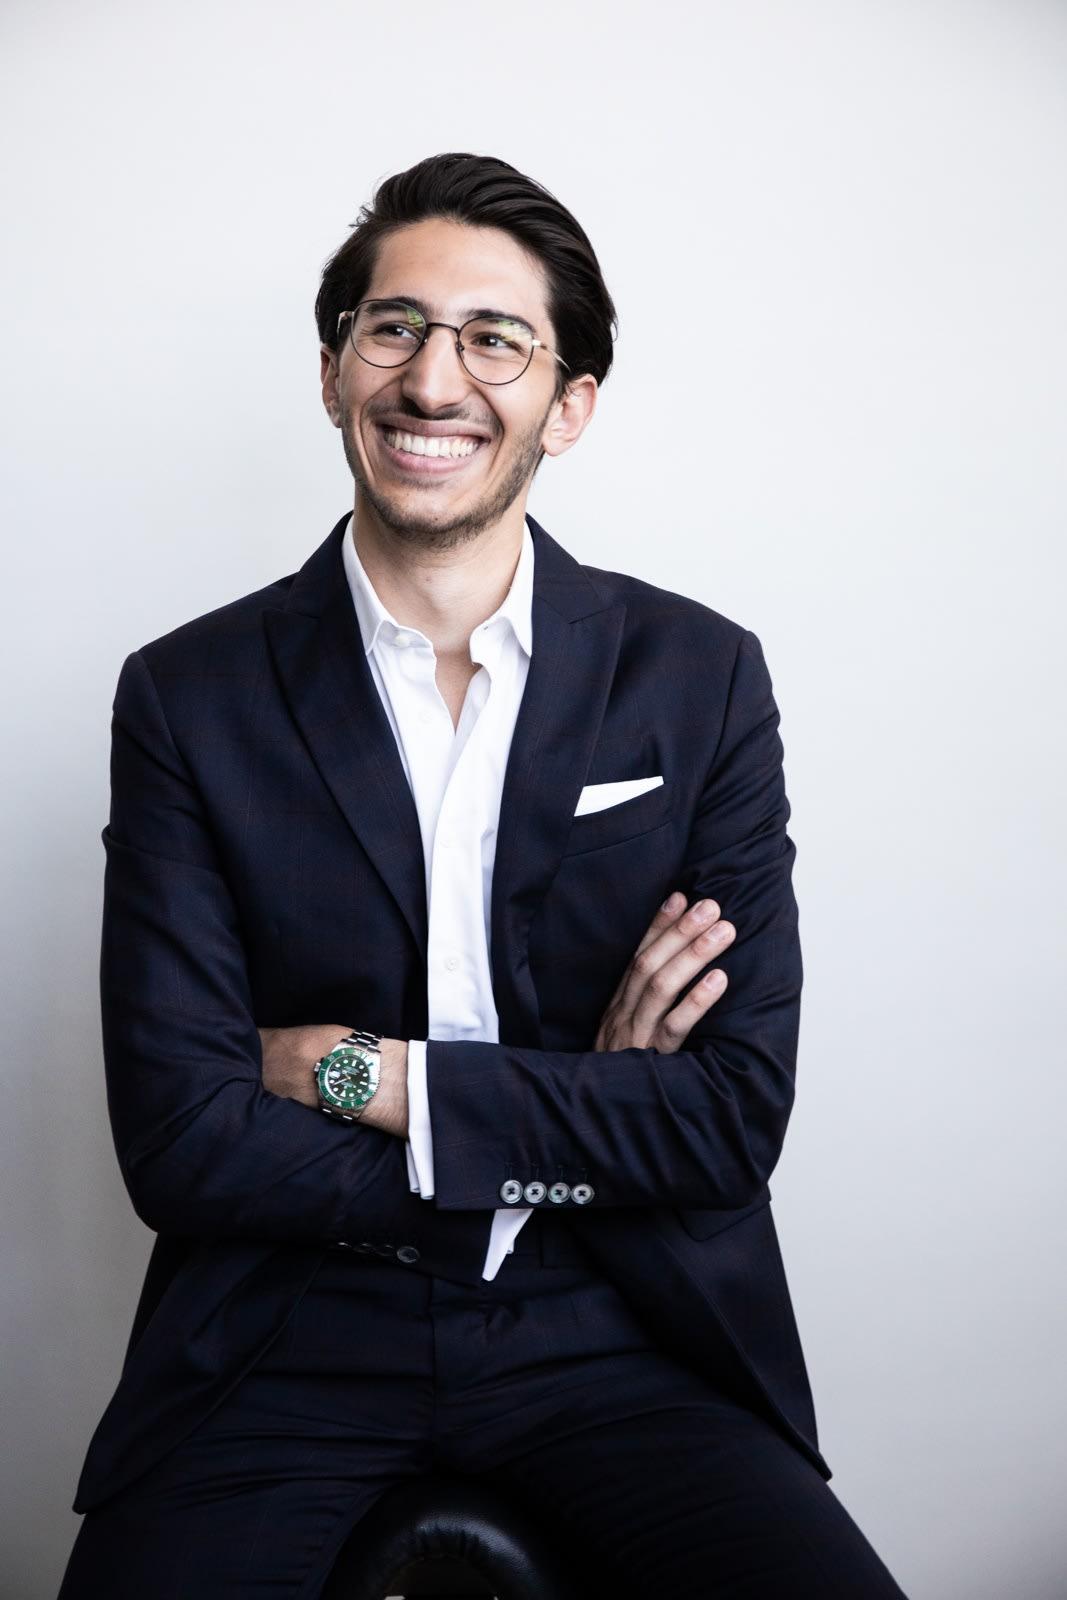 Amir Akta, Founder of Return on Art